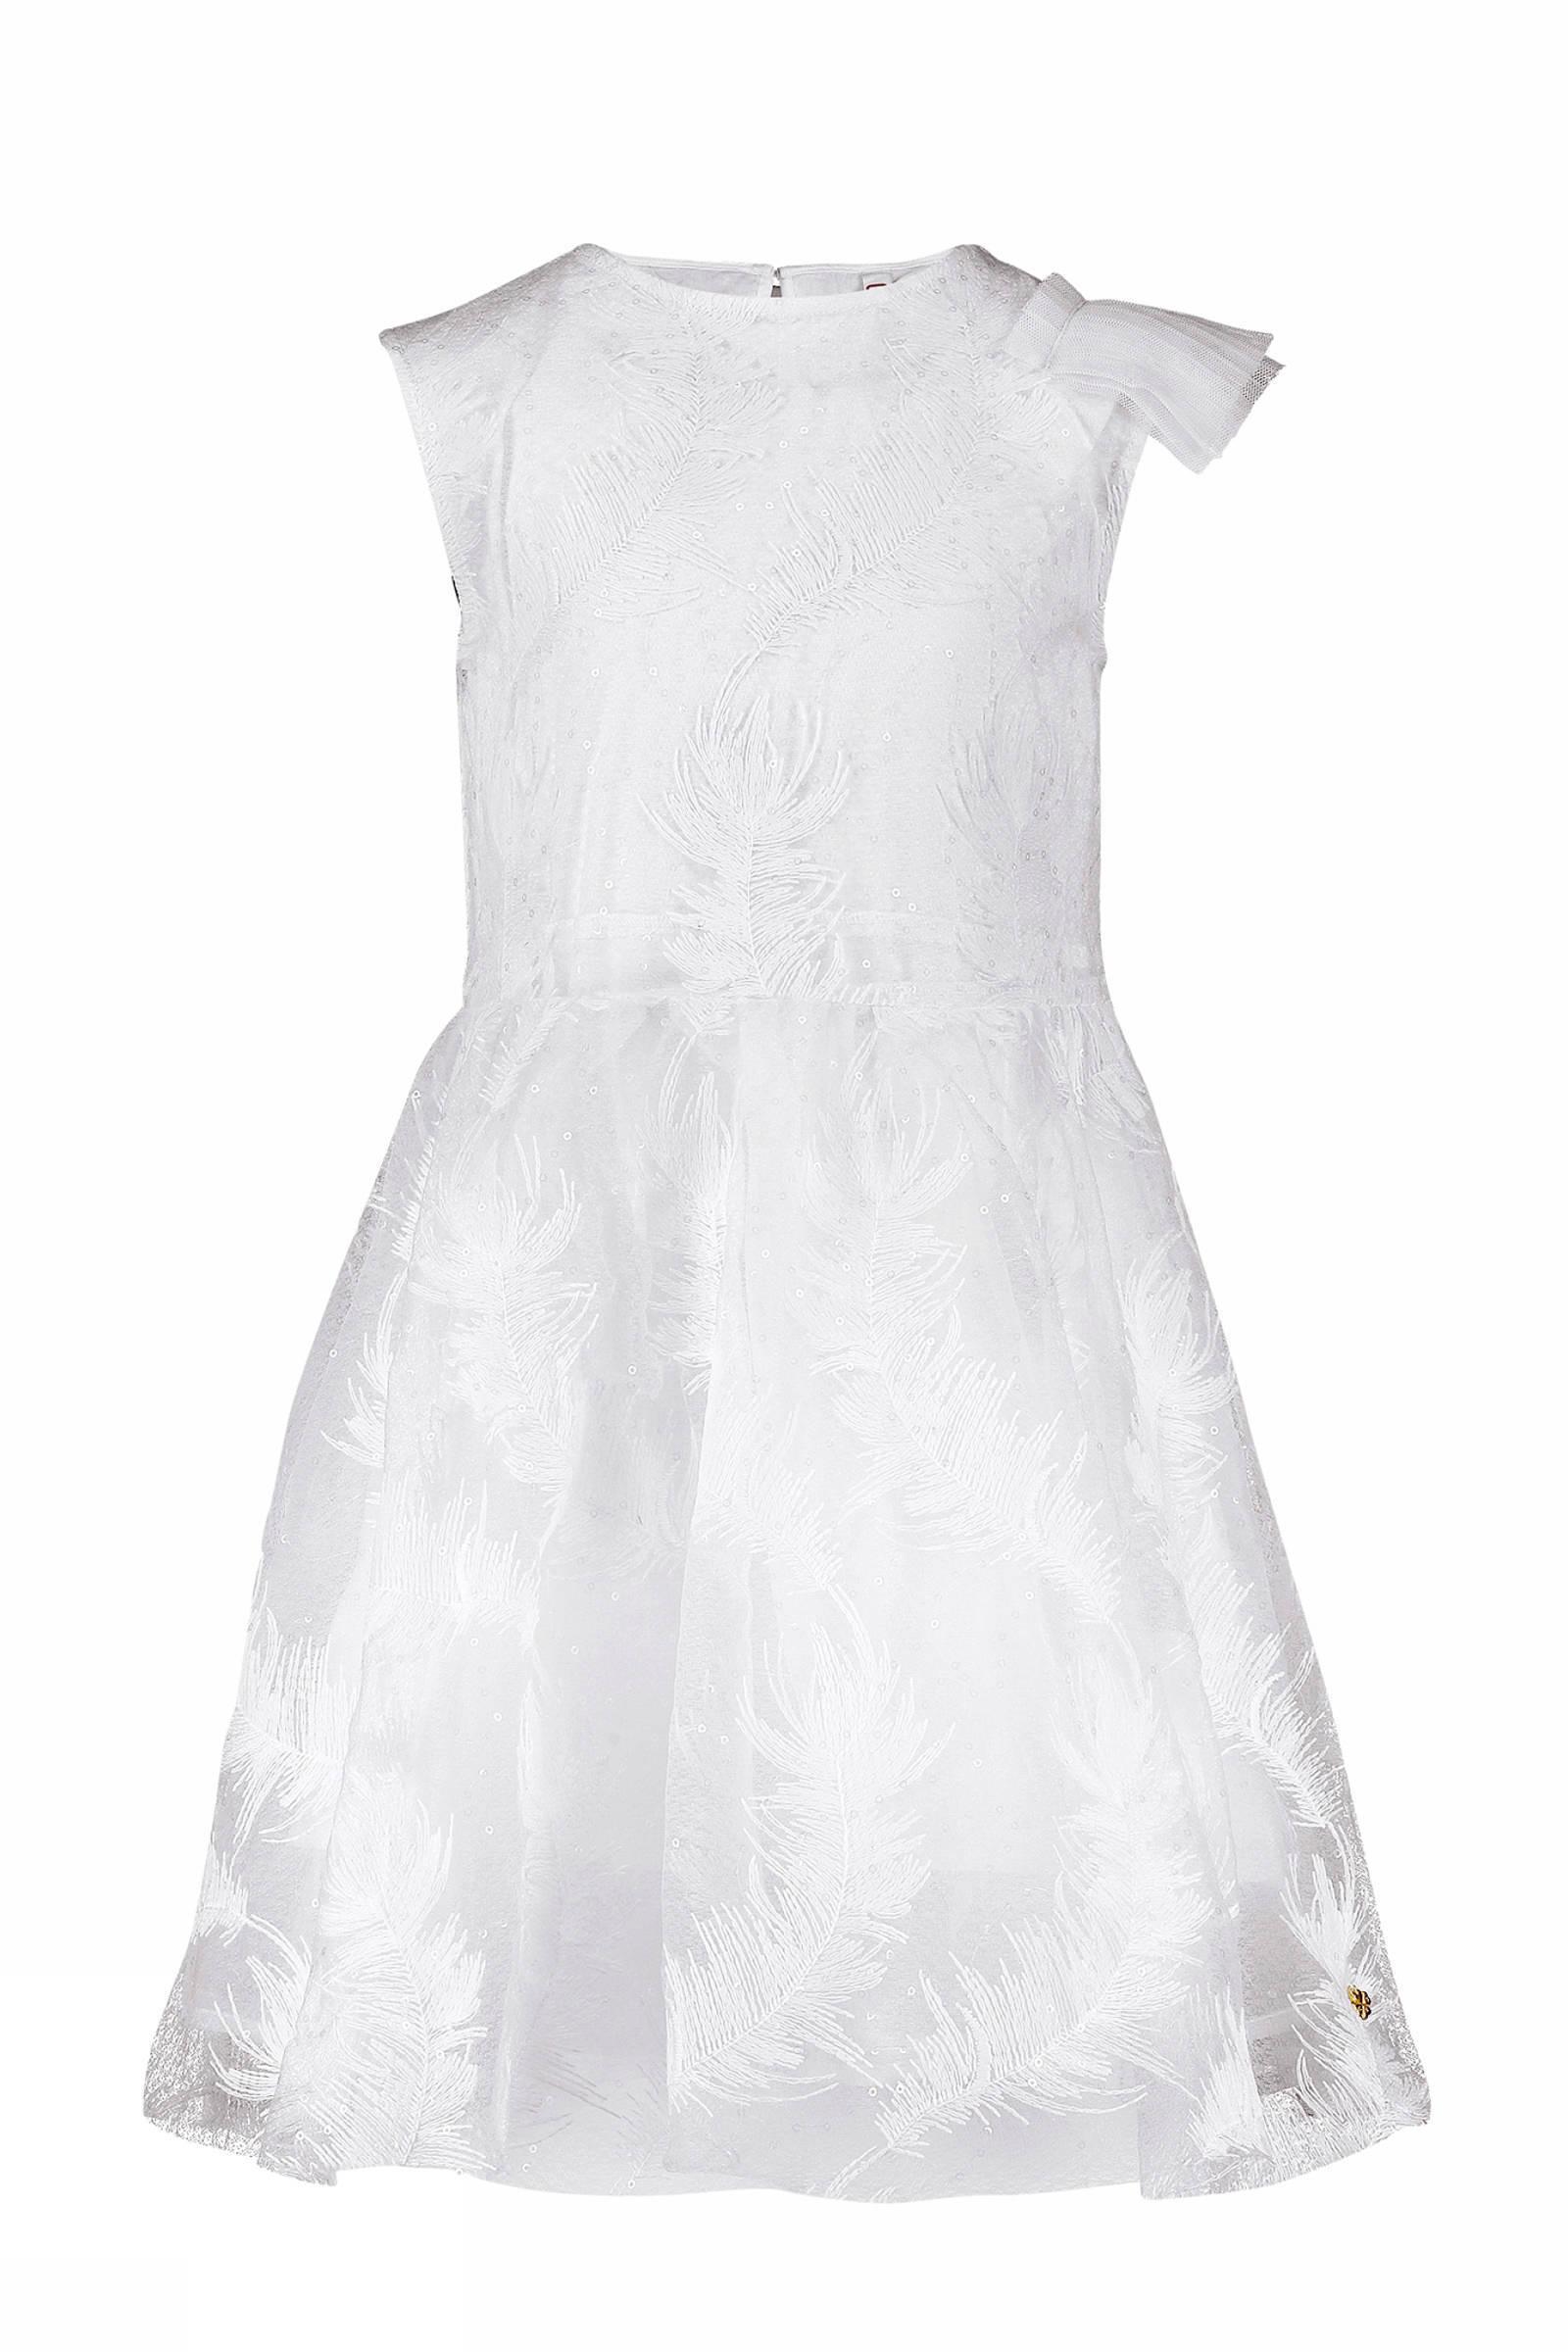 79a334e13b0fe6 Bruiloft kleding voor het hele gezin bij wehkamp - Gratis bezorging vanaf  20.-